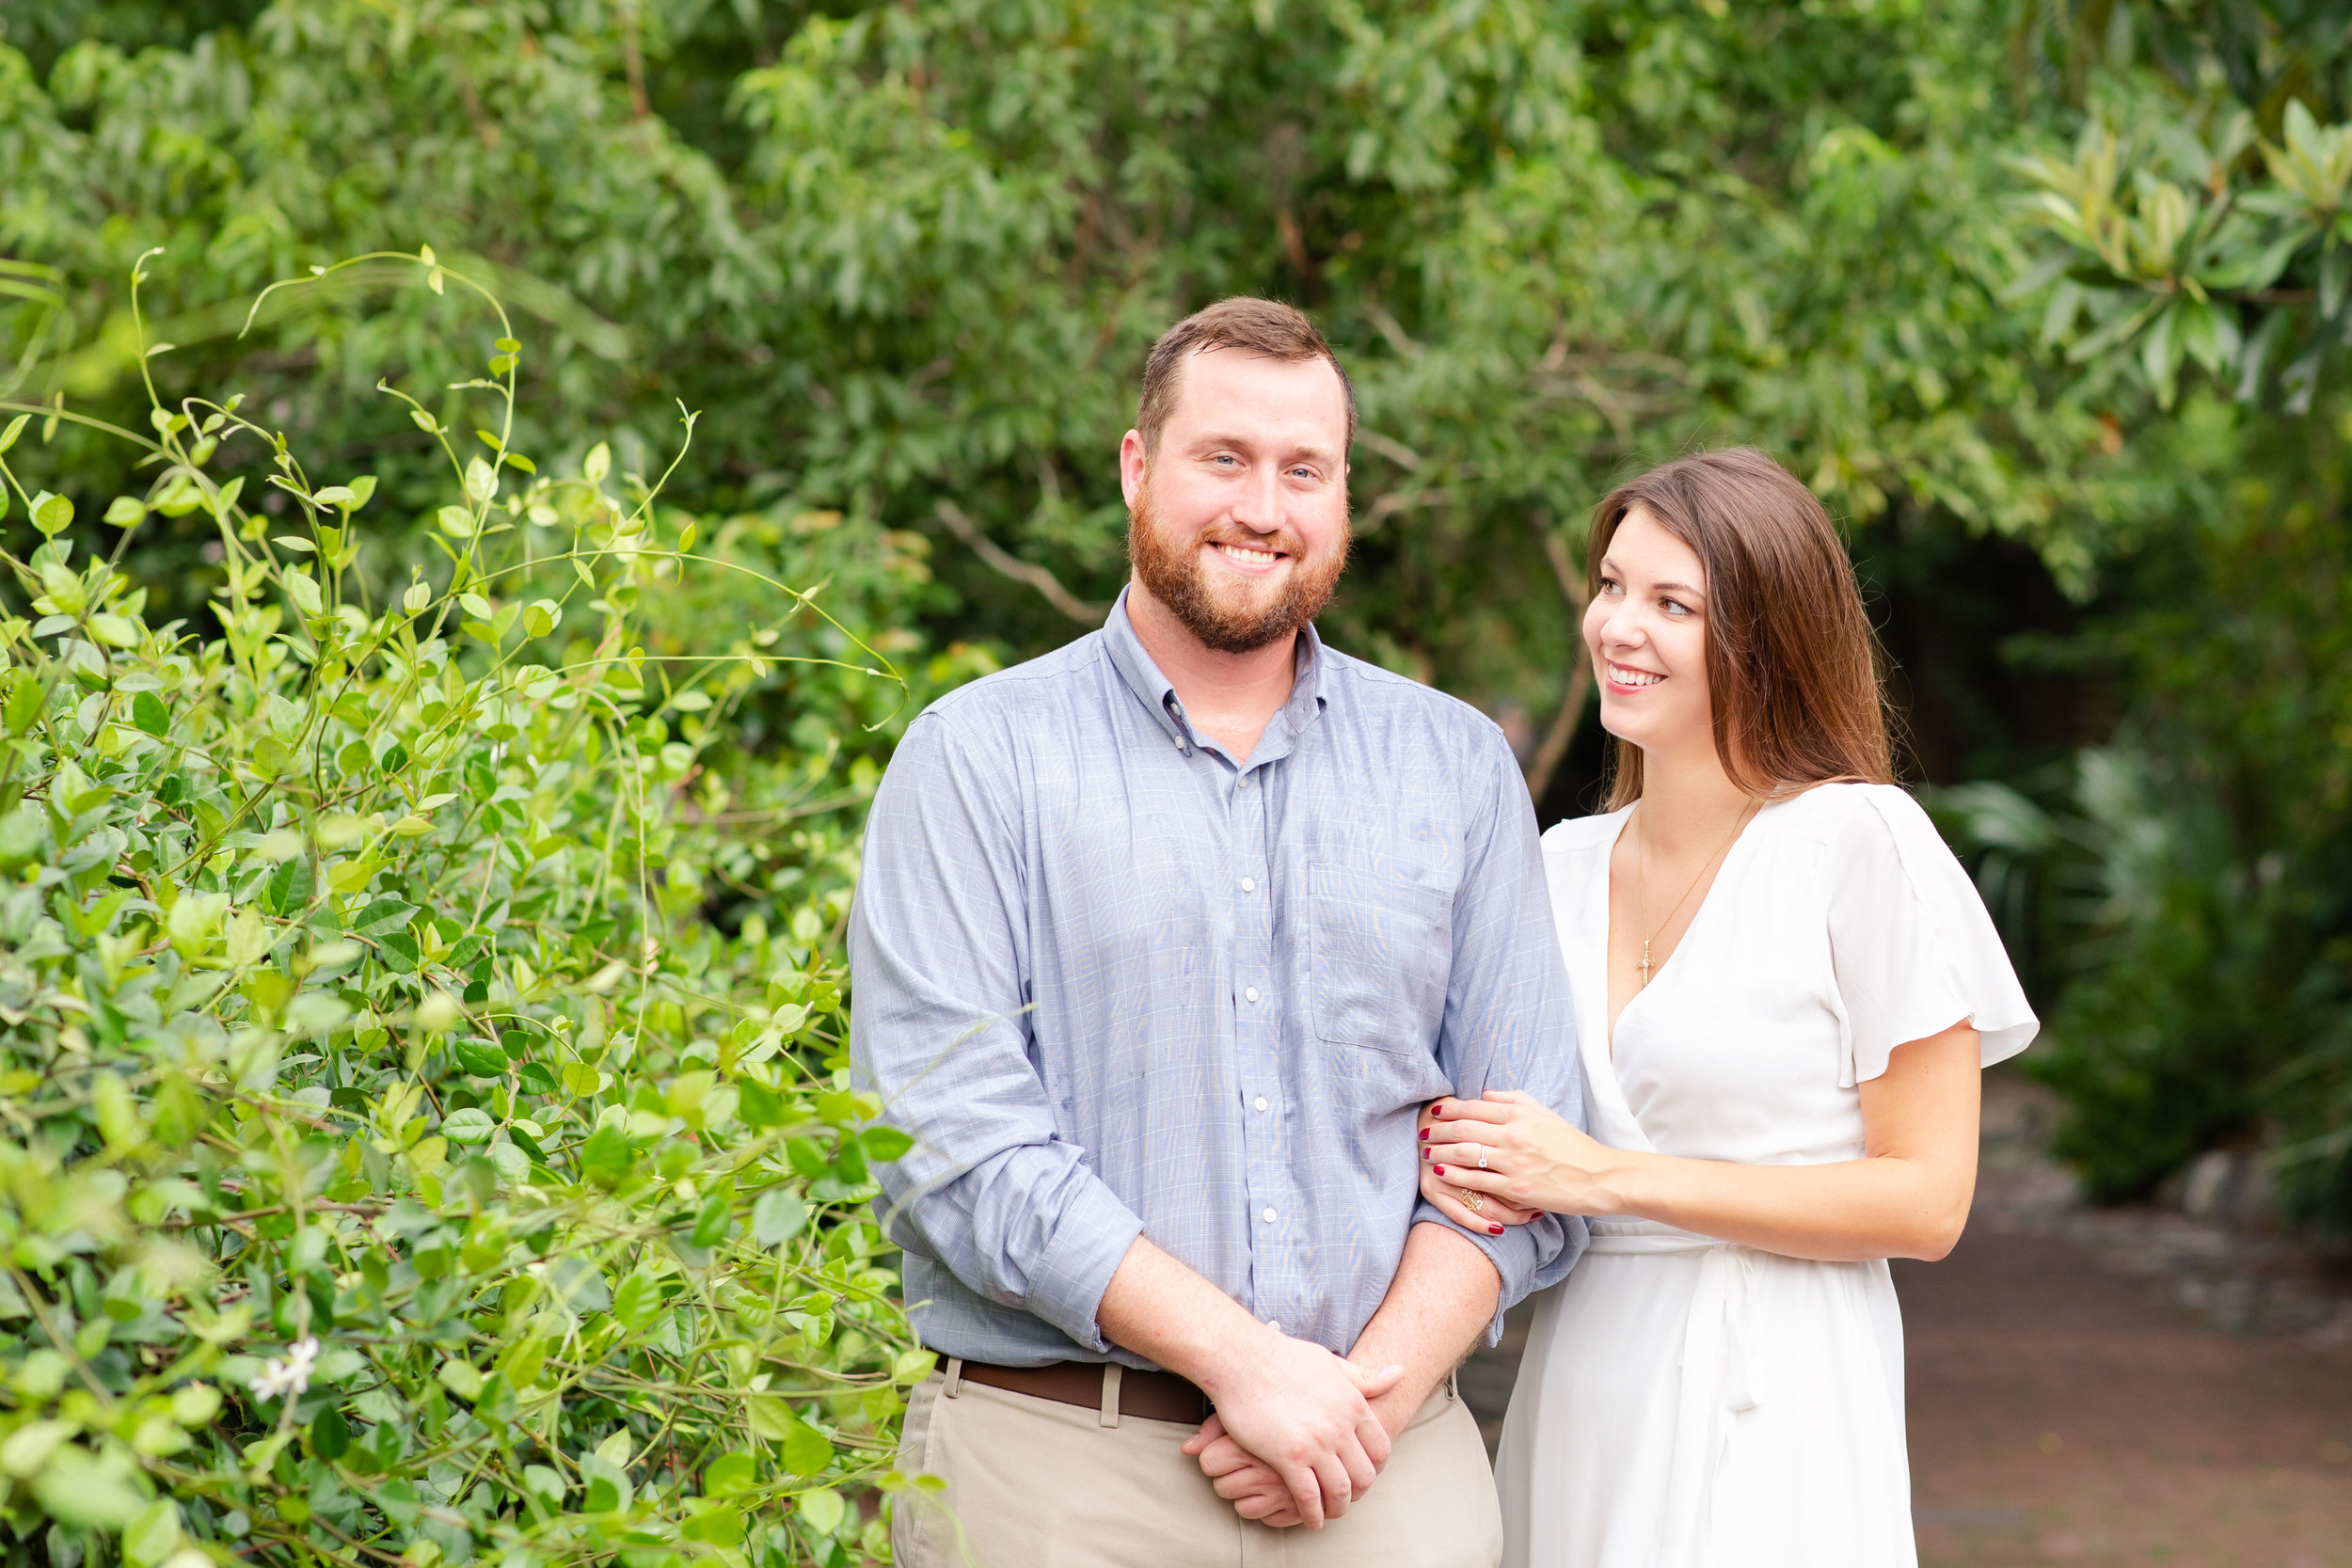 Charleston South Carolina Engagement Session Charleston Wedding Photographer Photo_3063-2.JPG